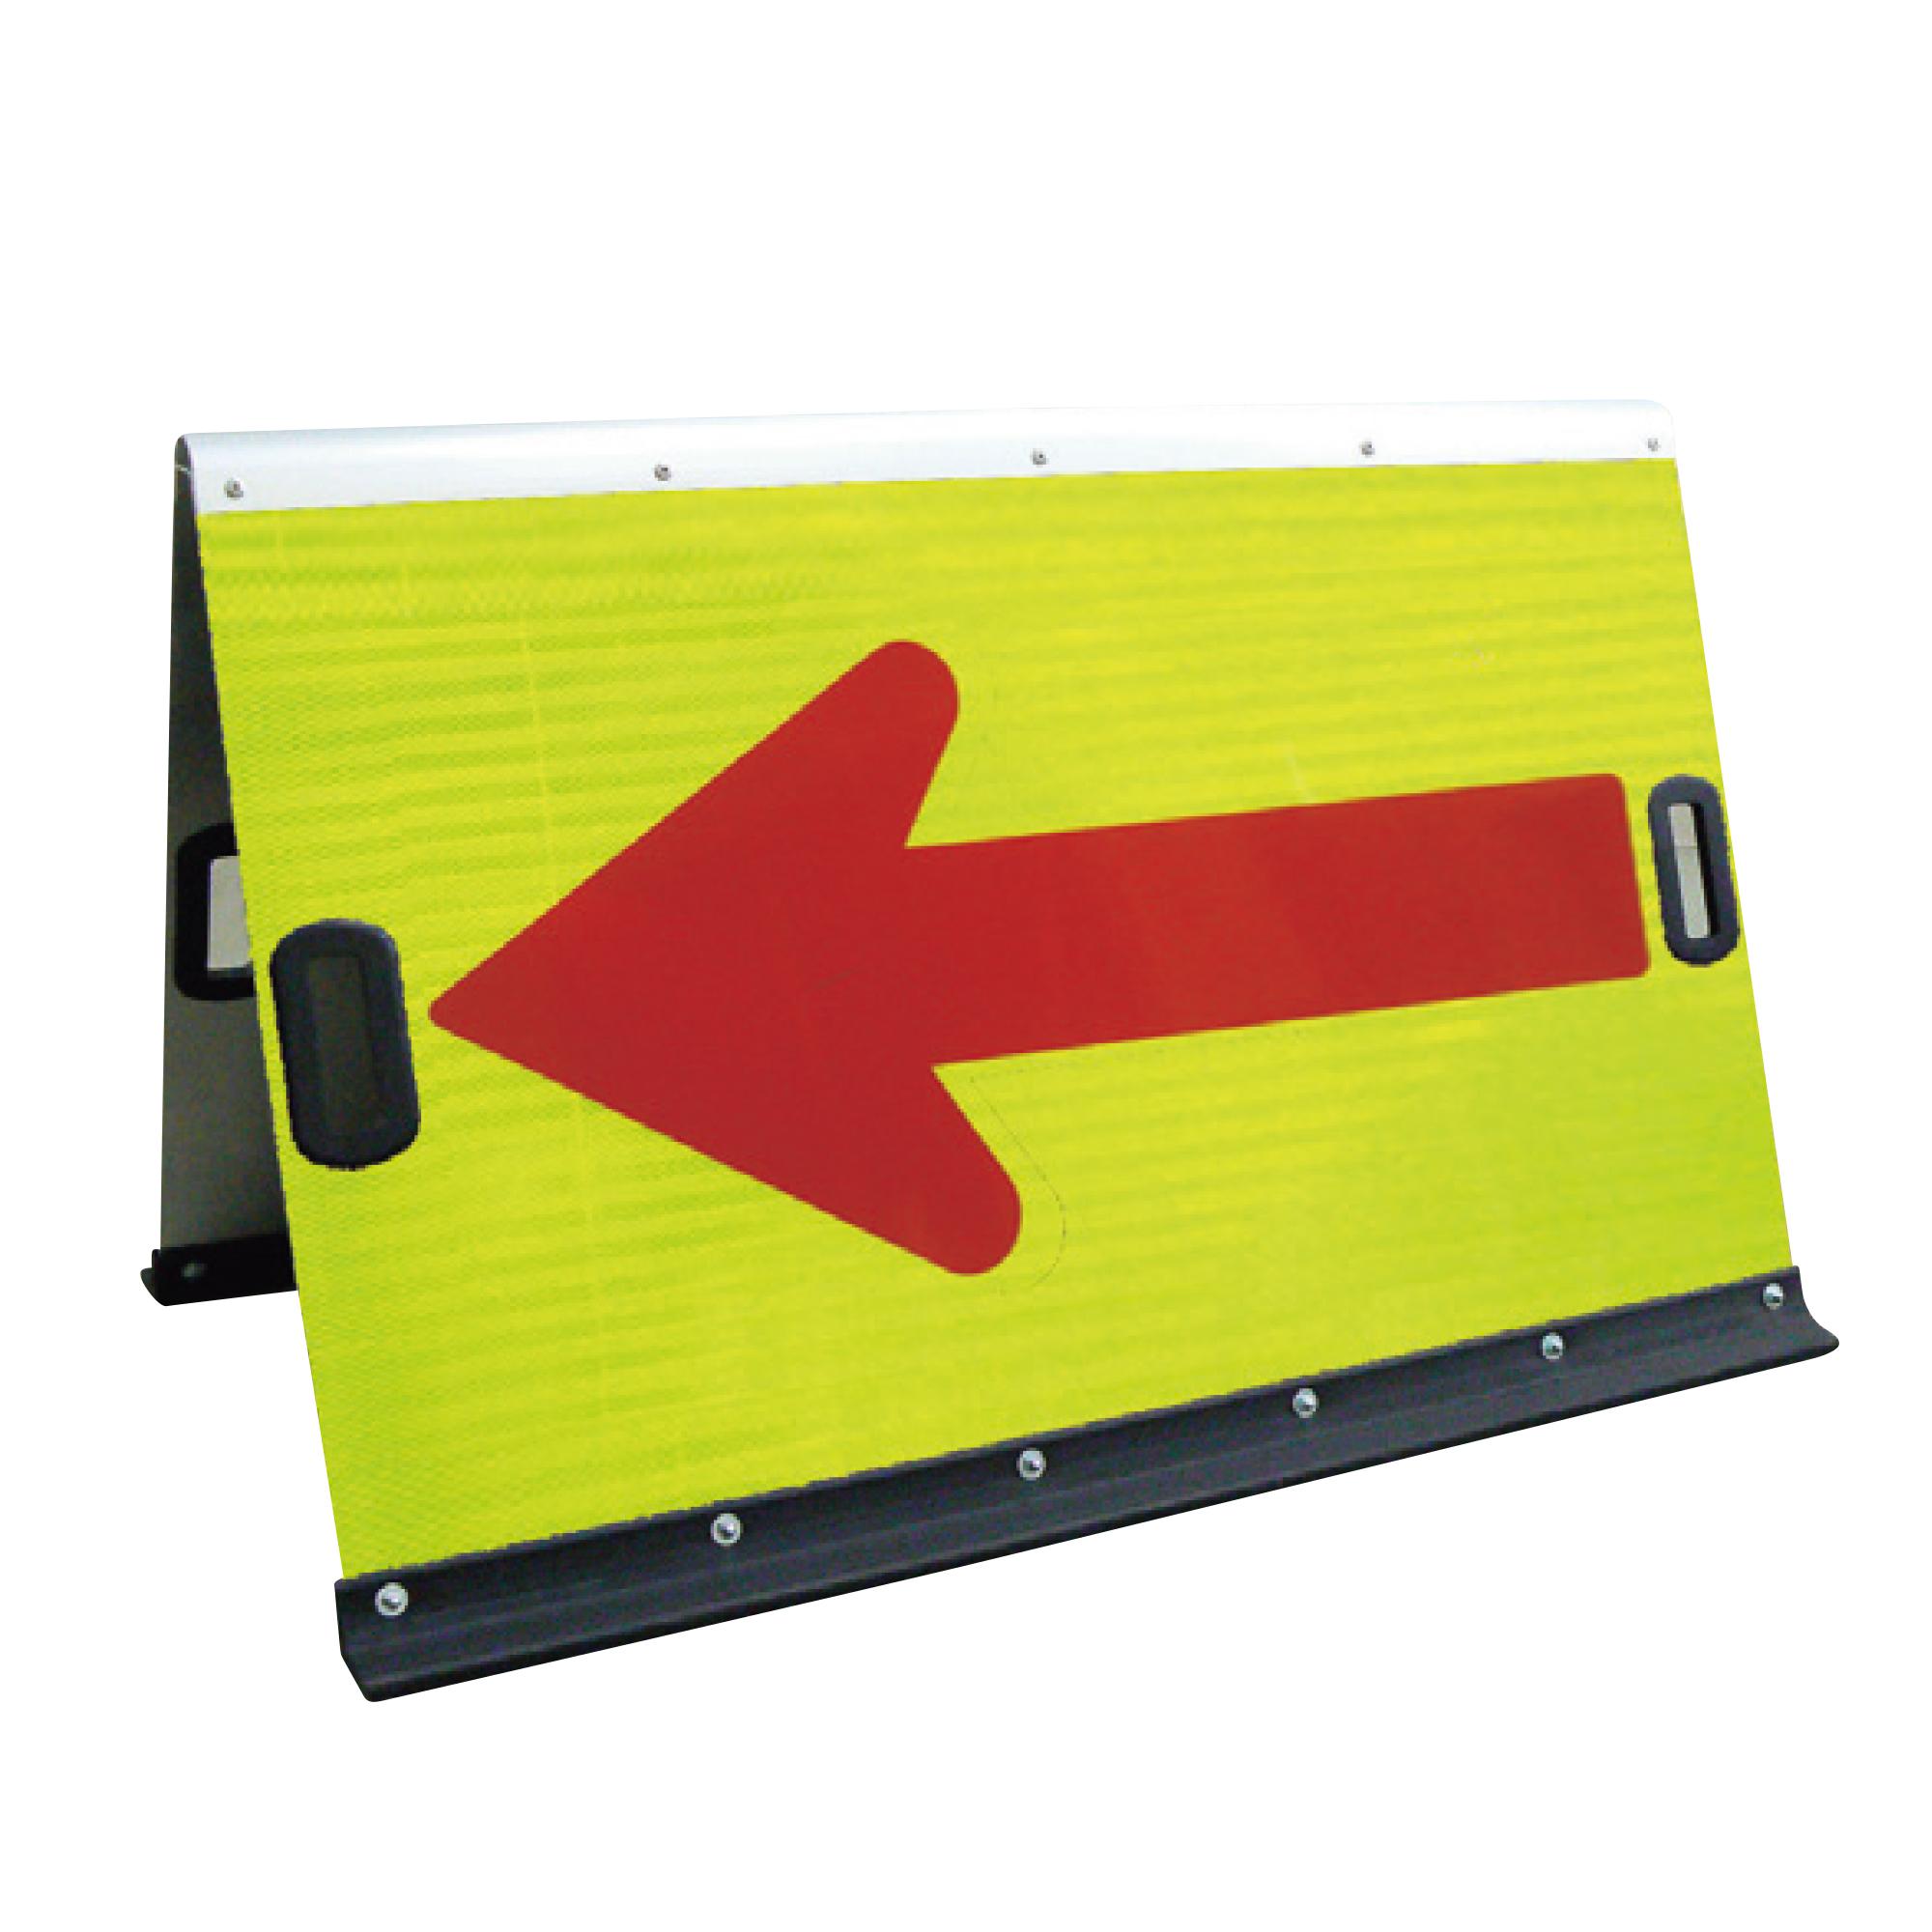 公団型蛍光高輝度二方向矢印板(黄+赤矢)